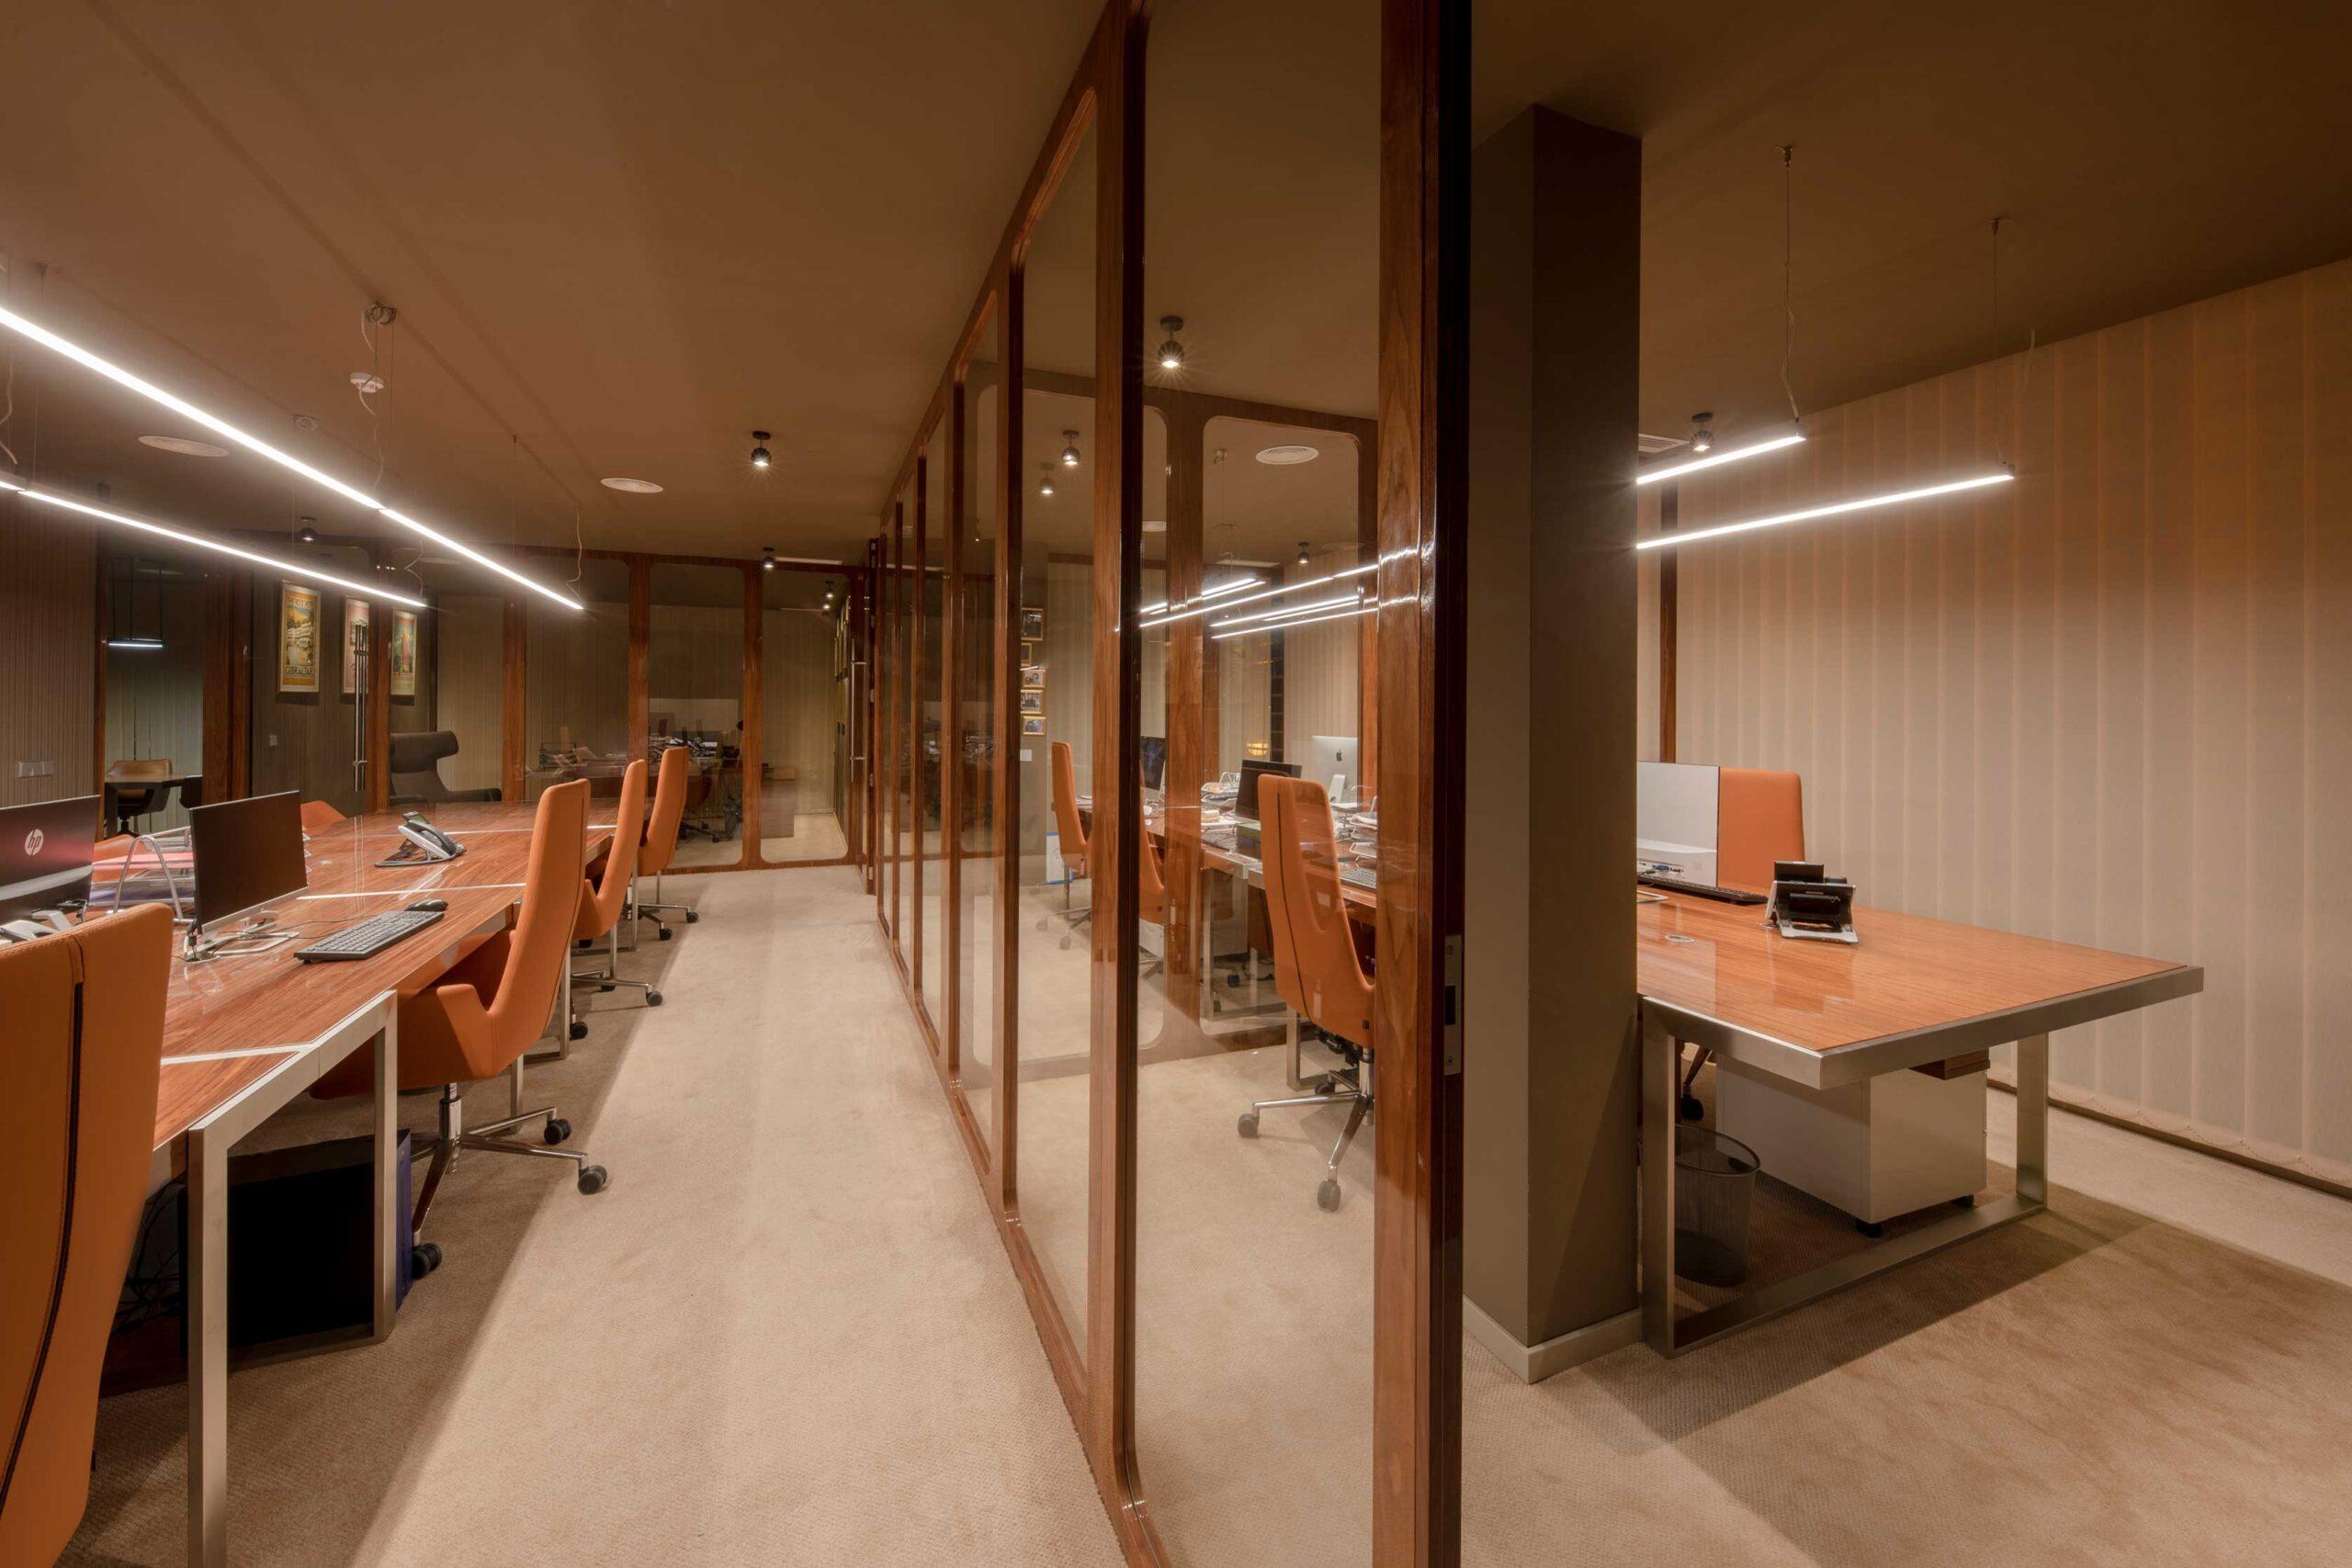 Oficinas Concept, Ibiza (6)